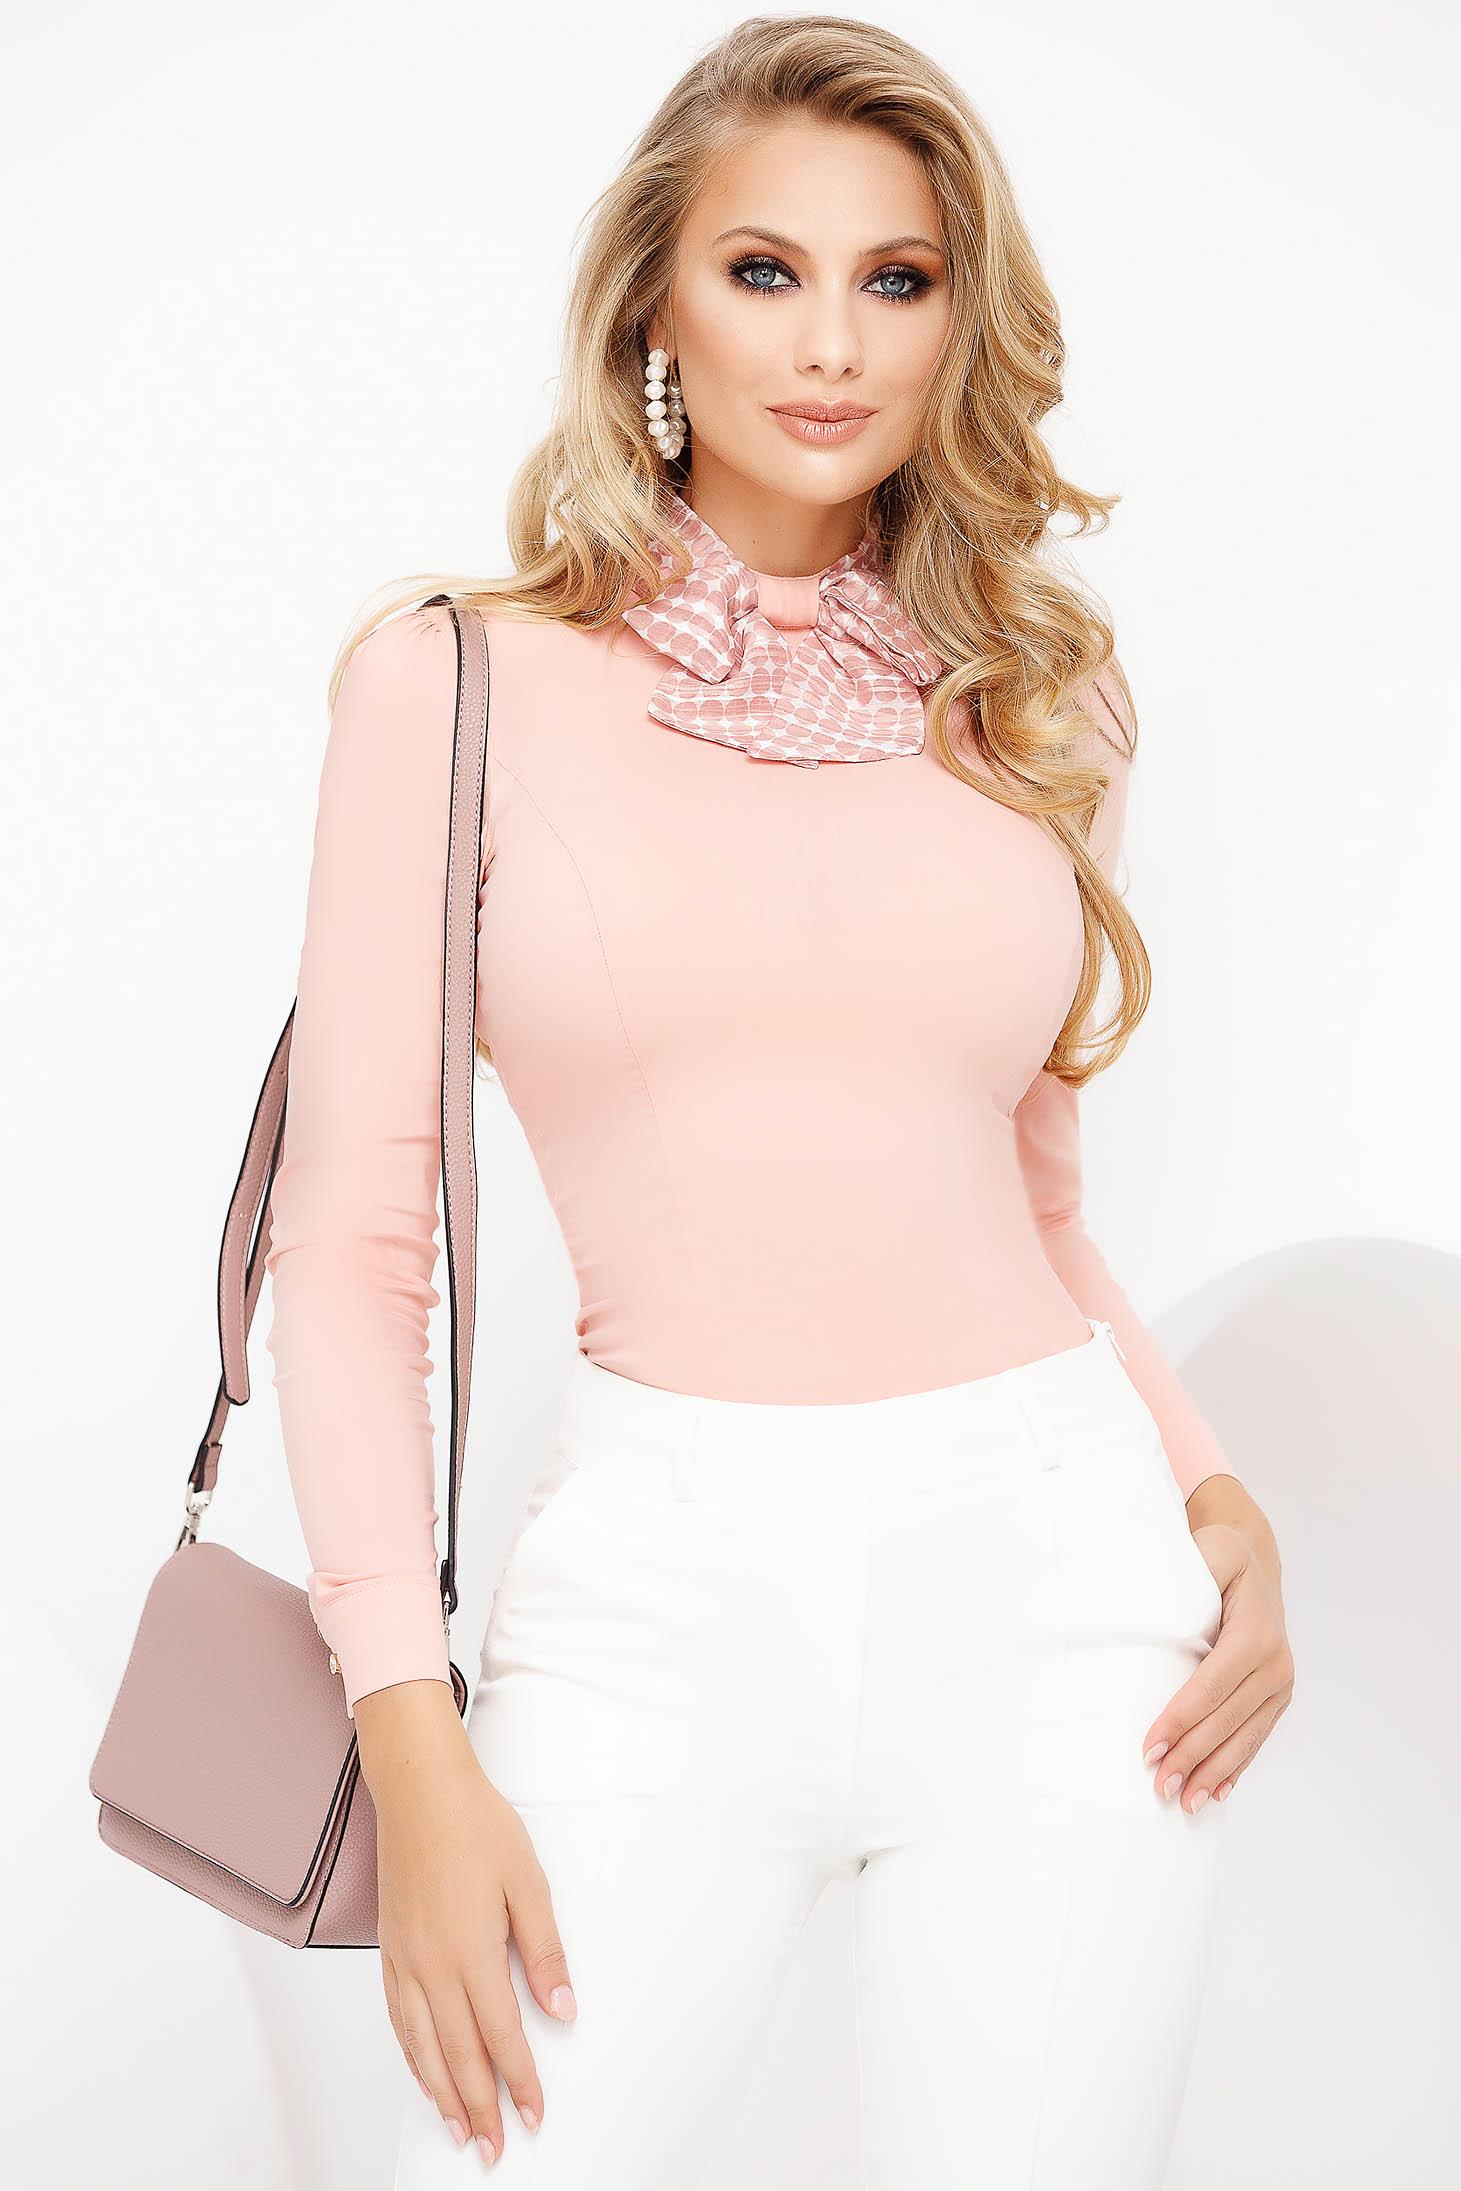 Világos rózsaszínű magas nyakú szűk szabású irodai női ing pamutból készült